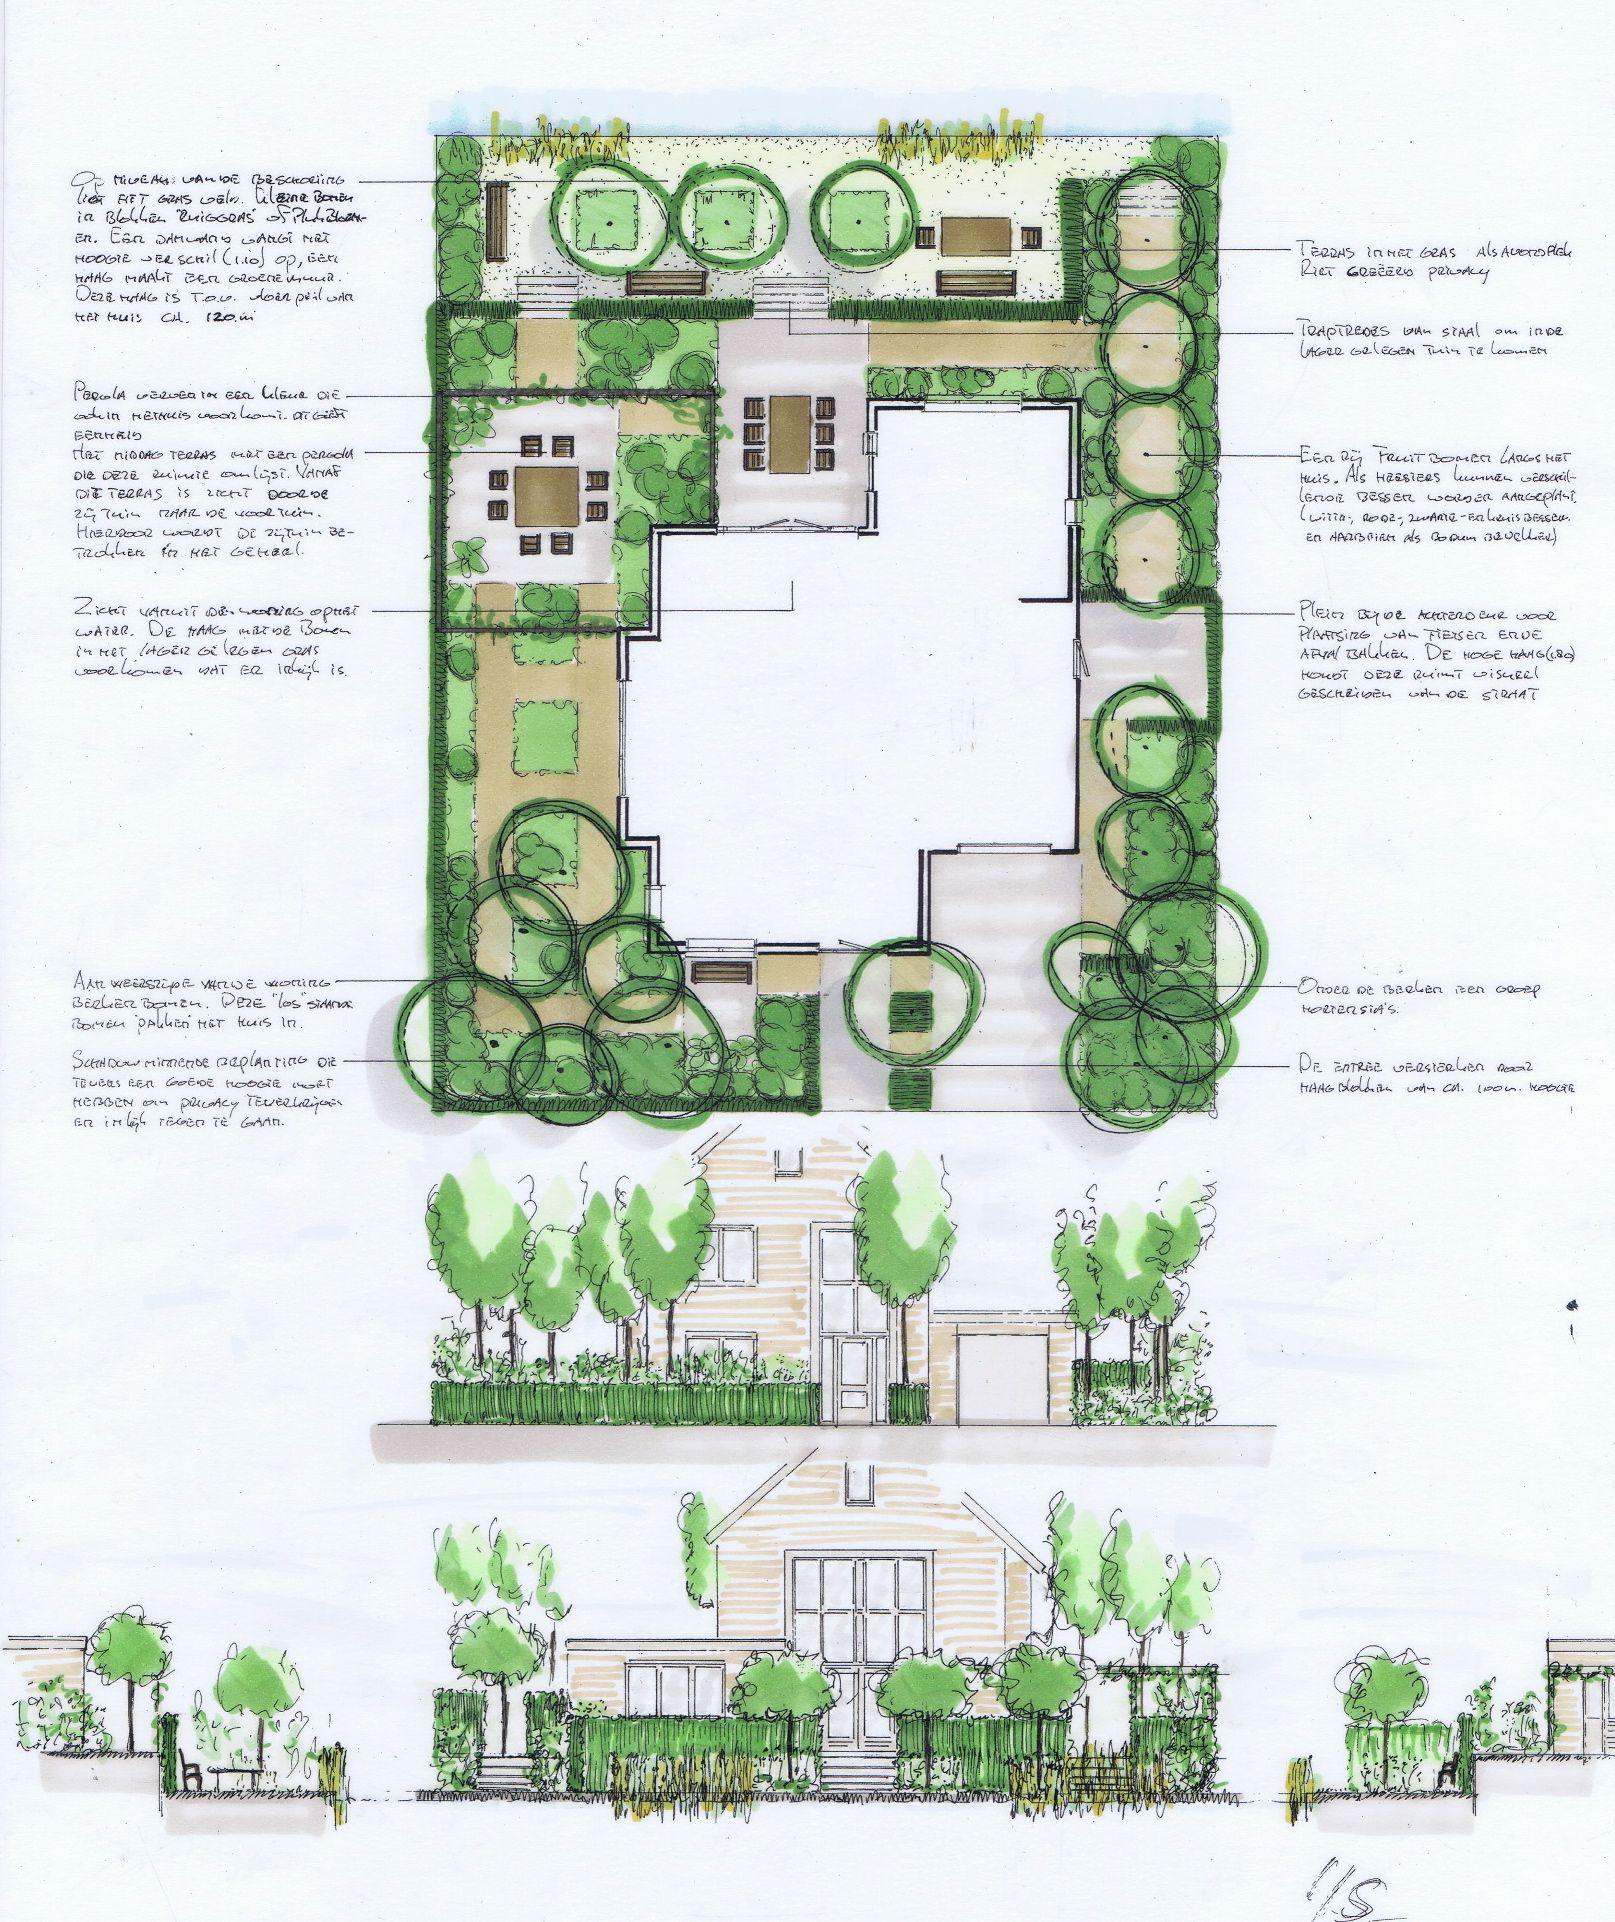 210 Landscape Design Plans Ideas Landscape Design Landscape